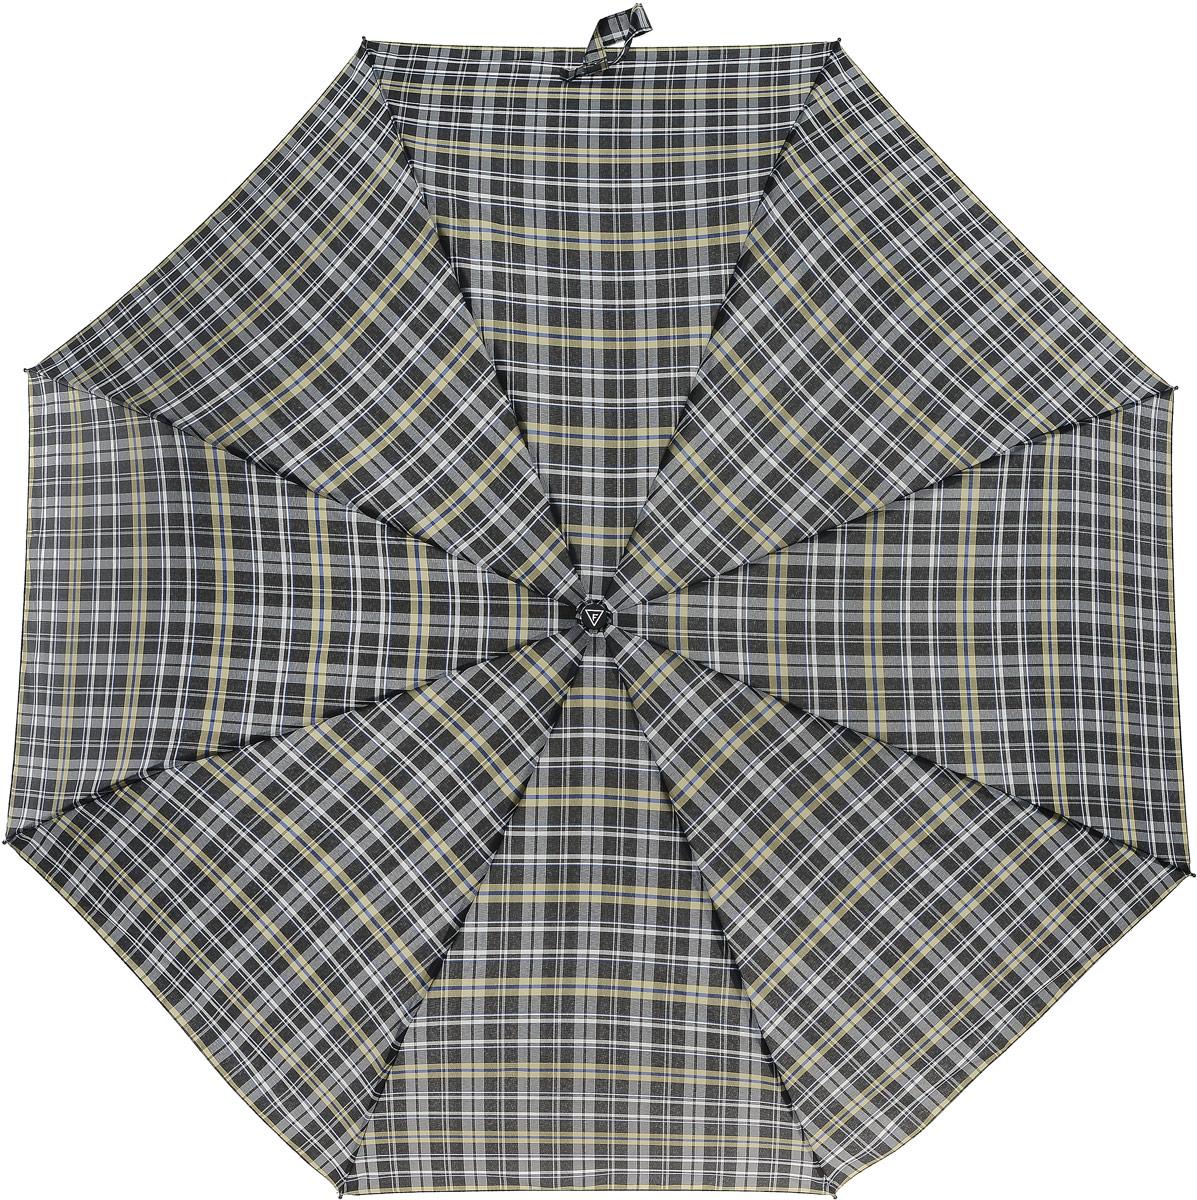 Зонт мужской Fabretti, цвет: черный. MCH-8Бусы-ниткаКлассический зонт - полный автомат от итальянского бренда Fabretti. Материал купола - эпонж, обладает высокой прочностью и износостойкостью. Вода на куполе из такого материала скатывается каплями вниз, а не впитывается, на нем практически не видны следы изгибов. Эргономичная ручка сделана из высококачественного пластика-полиуретана с противоскользящей обработкой.